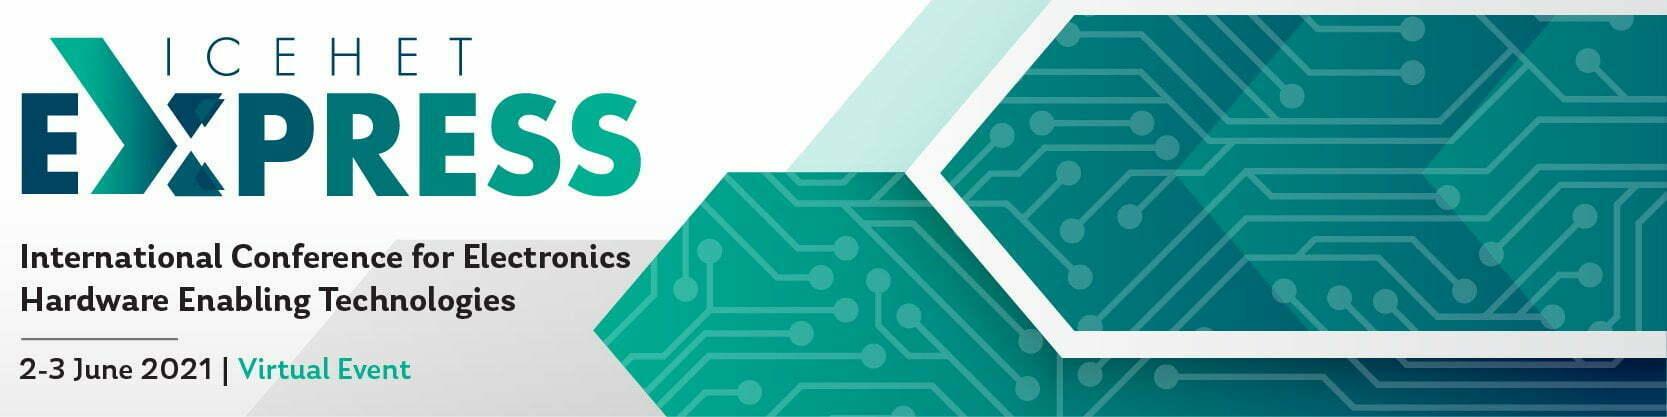 Conférence internationale pour les technologies habilitantes du matériel électronique